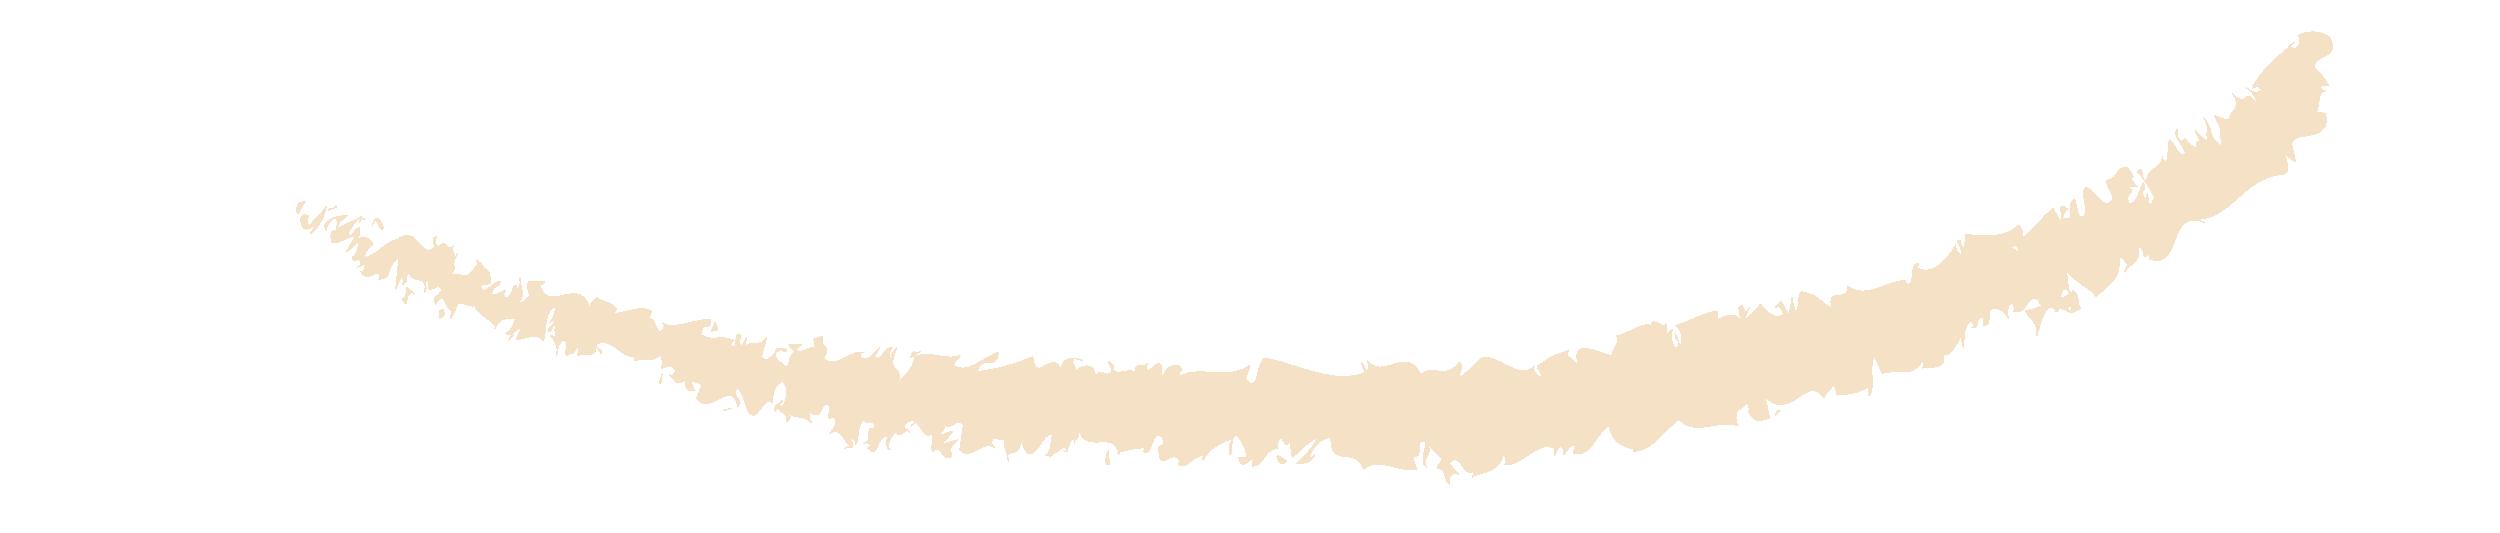 traço180-01.png